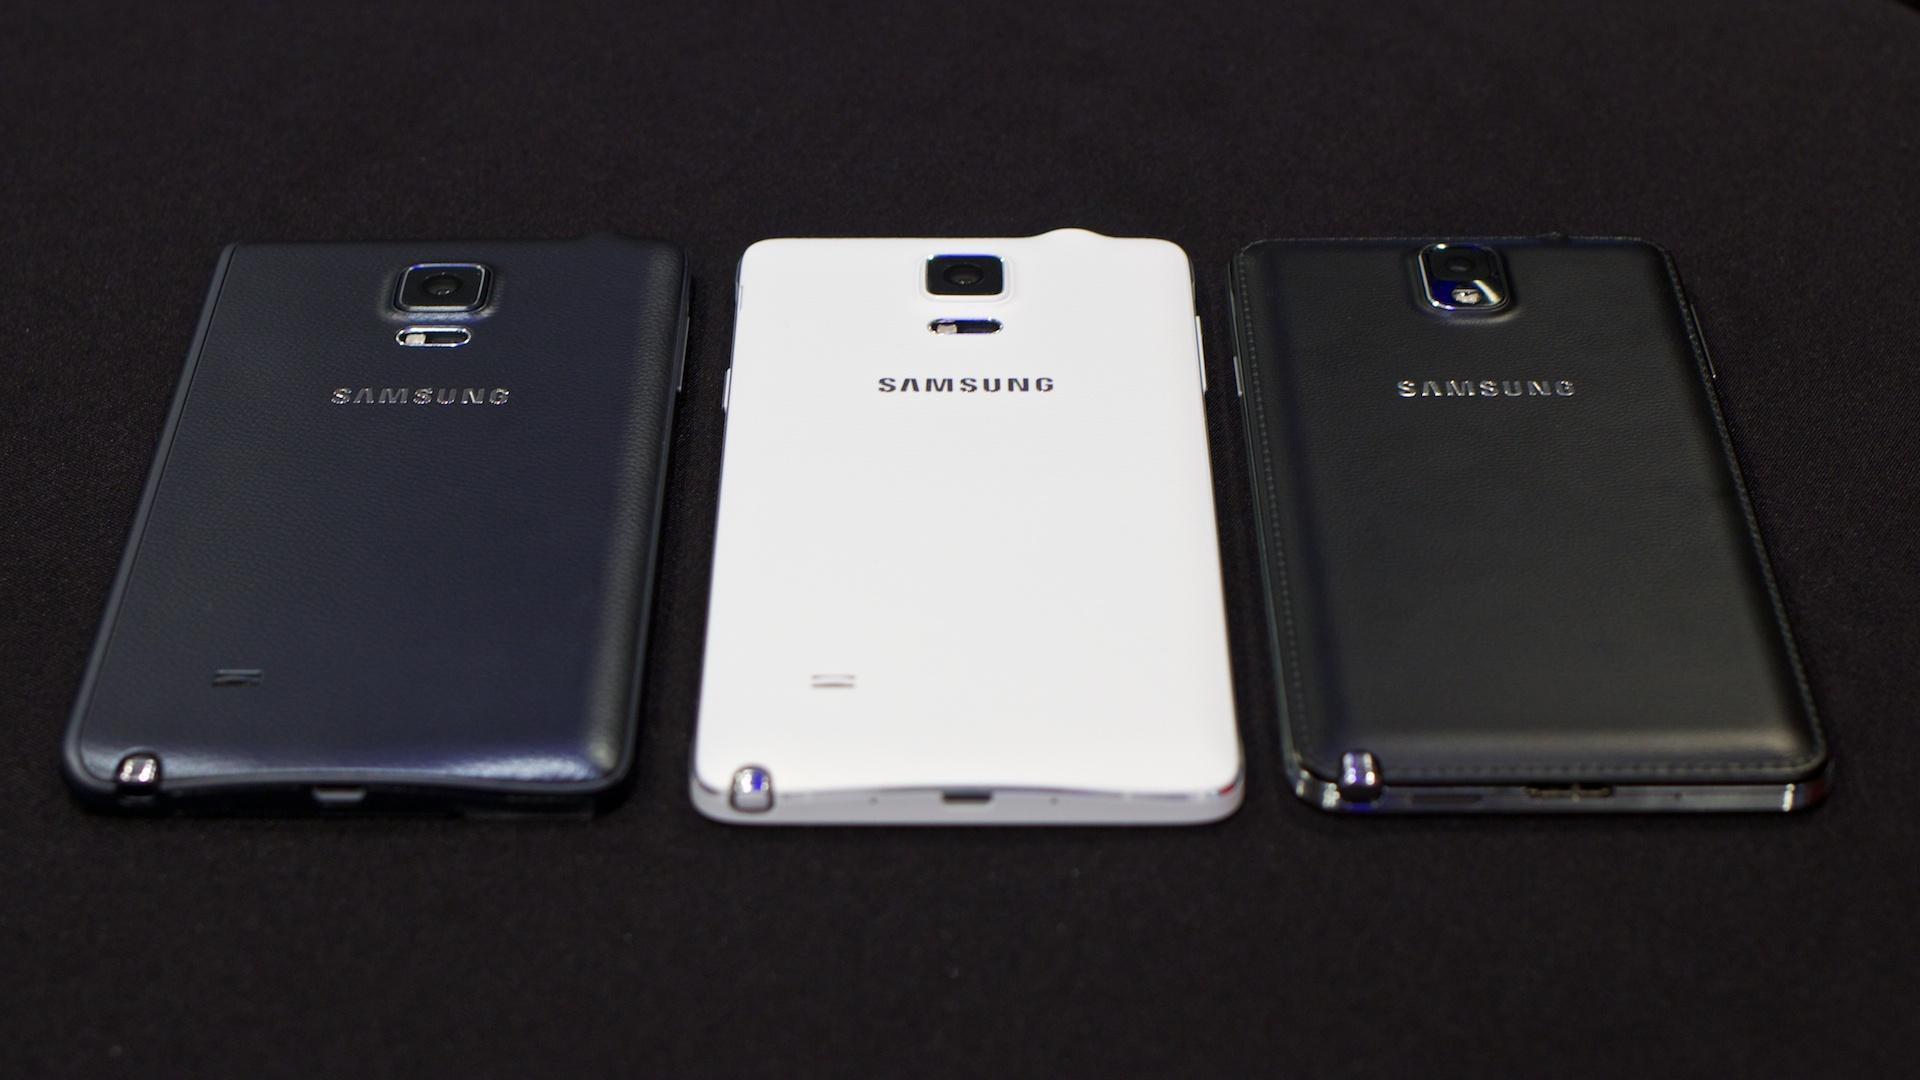 Markteinführung verzögert sich: Samsung bringt Galaxy Note 4 später -